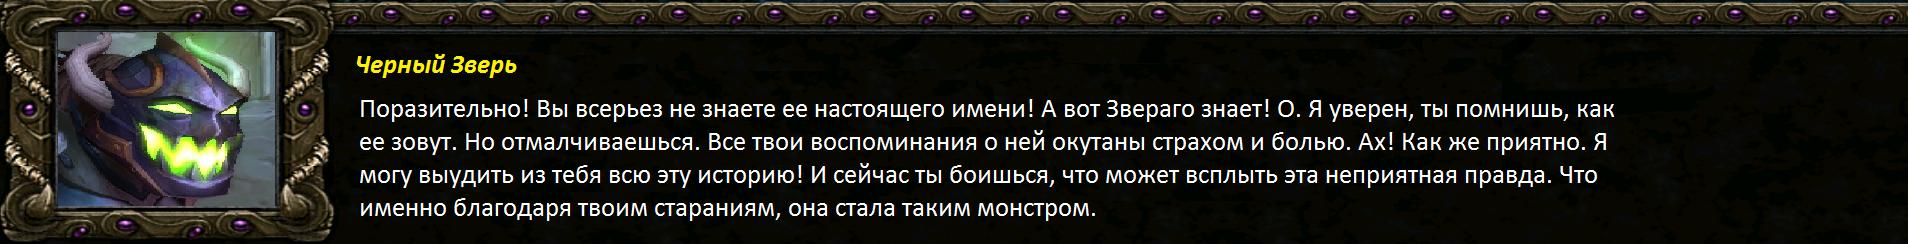 Шаблон ДкВар 15.15